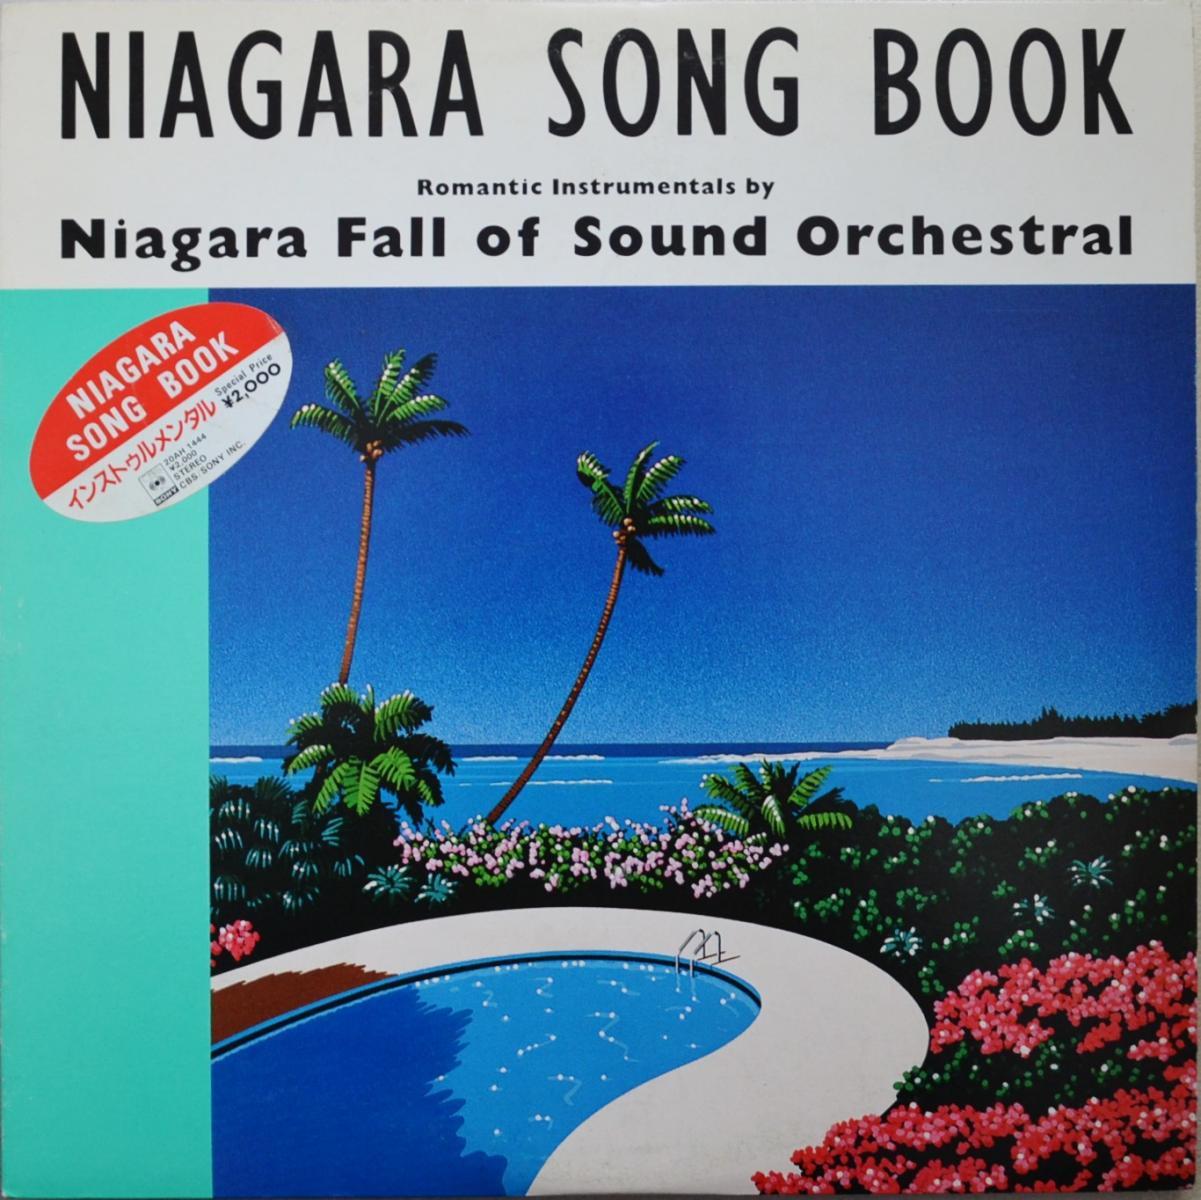 ナイアガラ・フォール・オブ・サウンド・オーケストラ NIAGARA FALL OF SOUND ORCHESTRAL / ナイアガラ・ソング・ブック NIAGARA SONG BOOK (LP)